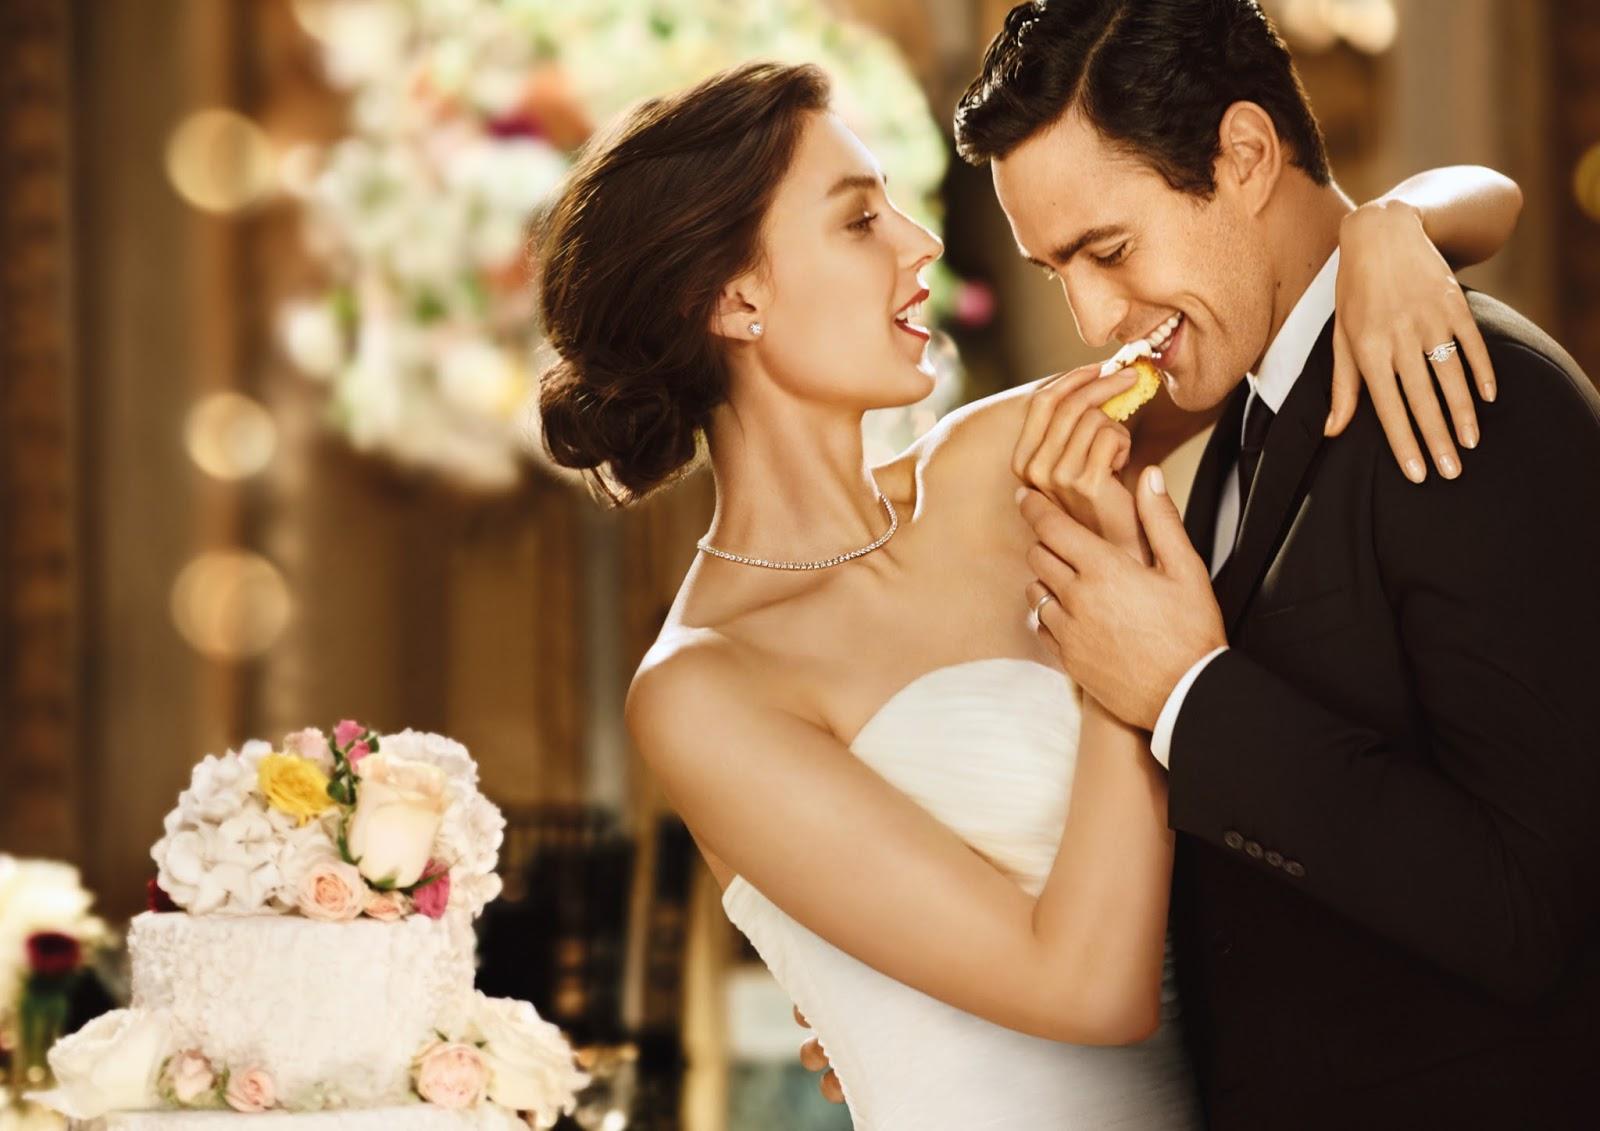 Bulgari's 2017 Bridal Ad Campaign